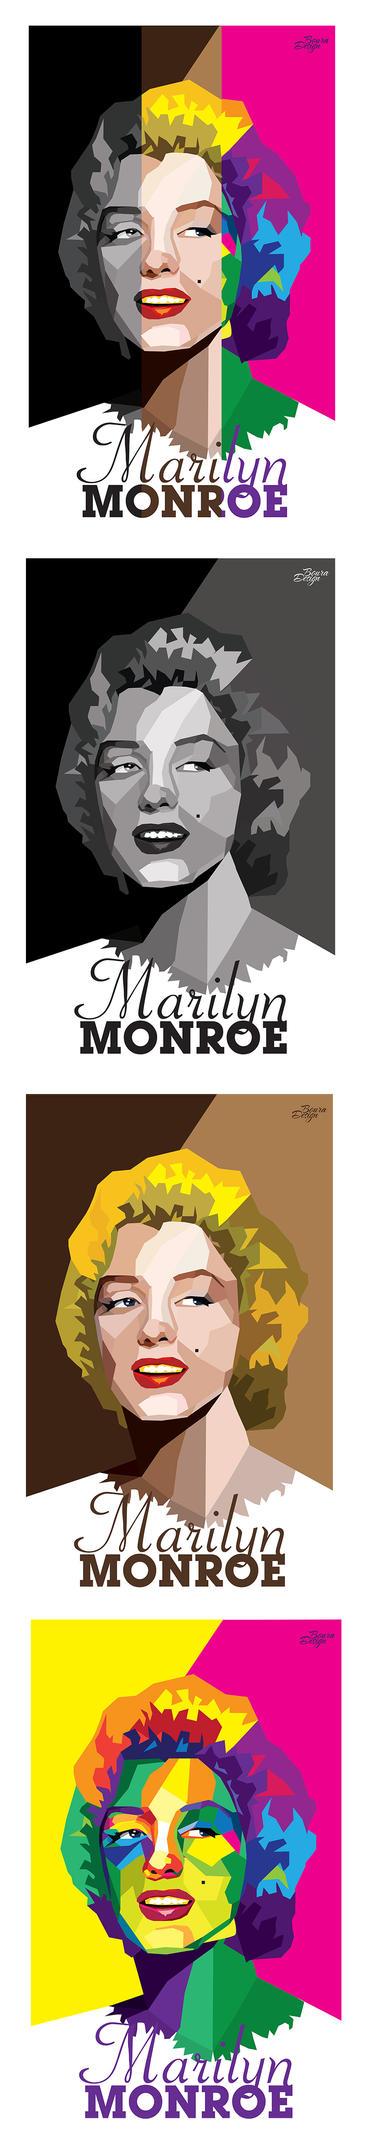 Wpap Marilyn Monroe by boura2004